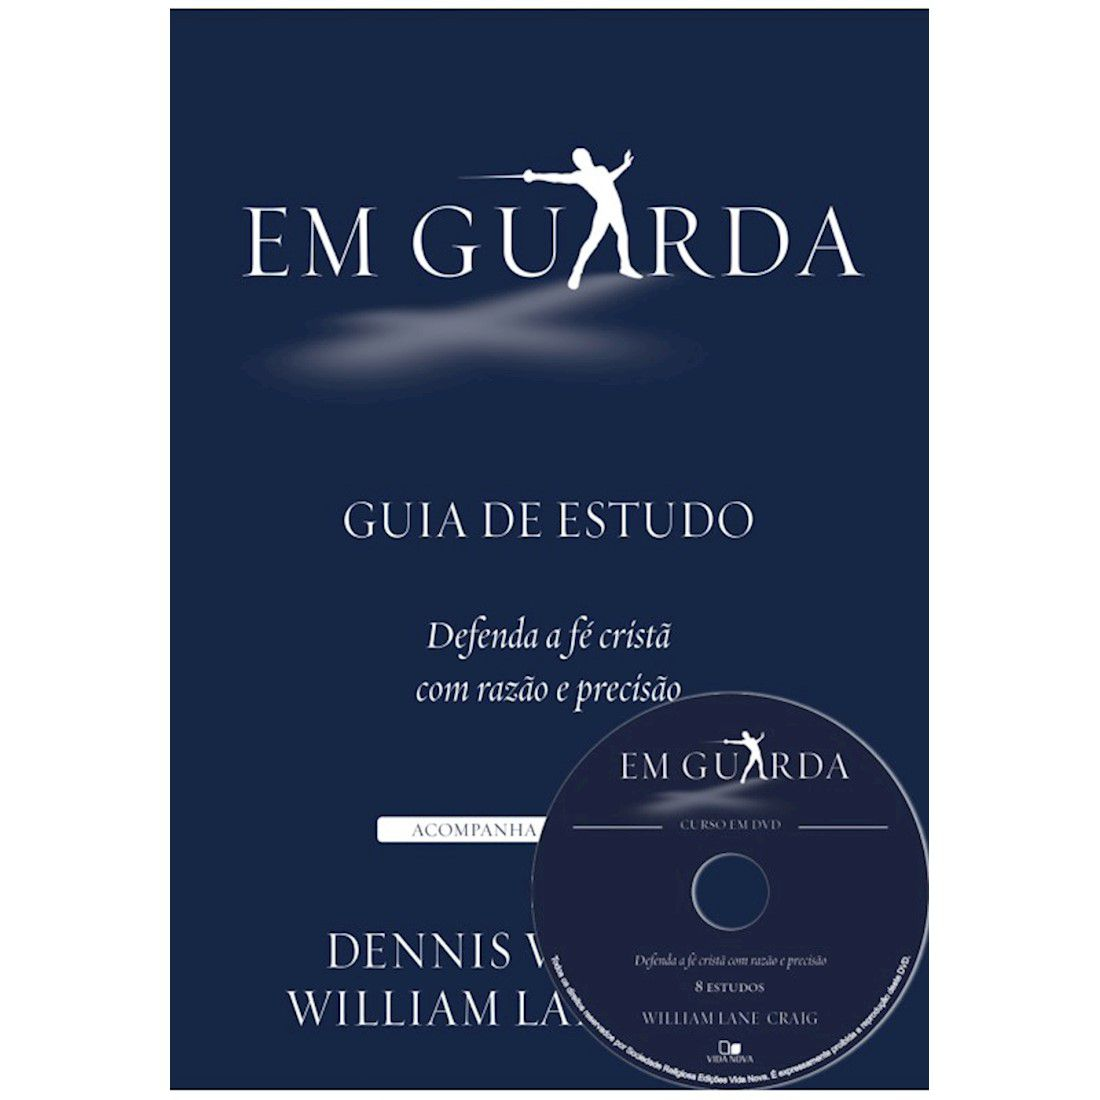 Livro Em Guarda - Guia de Estudo (Grátis Curso em DVD)